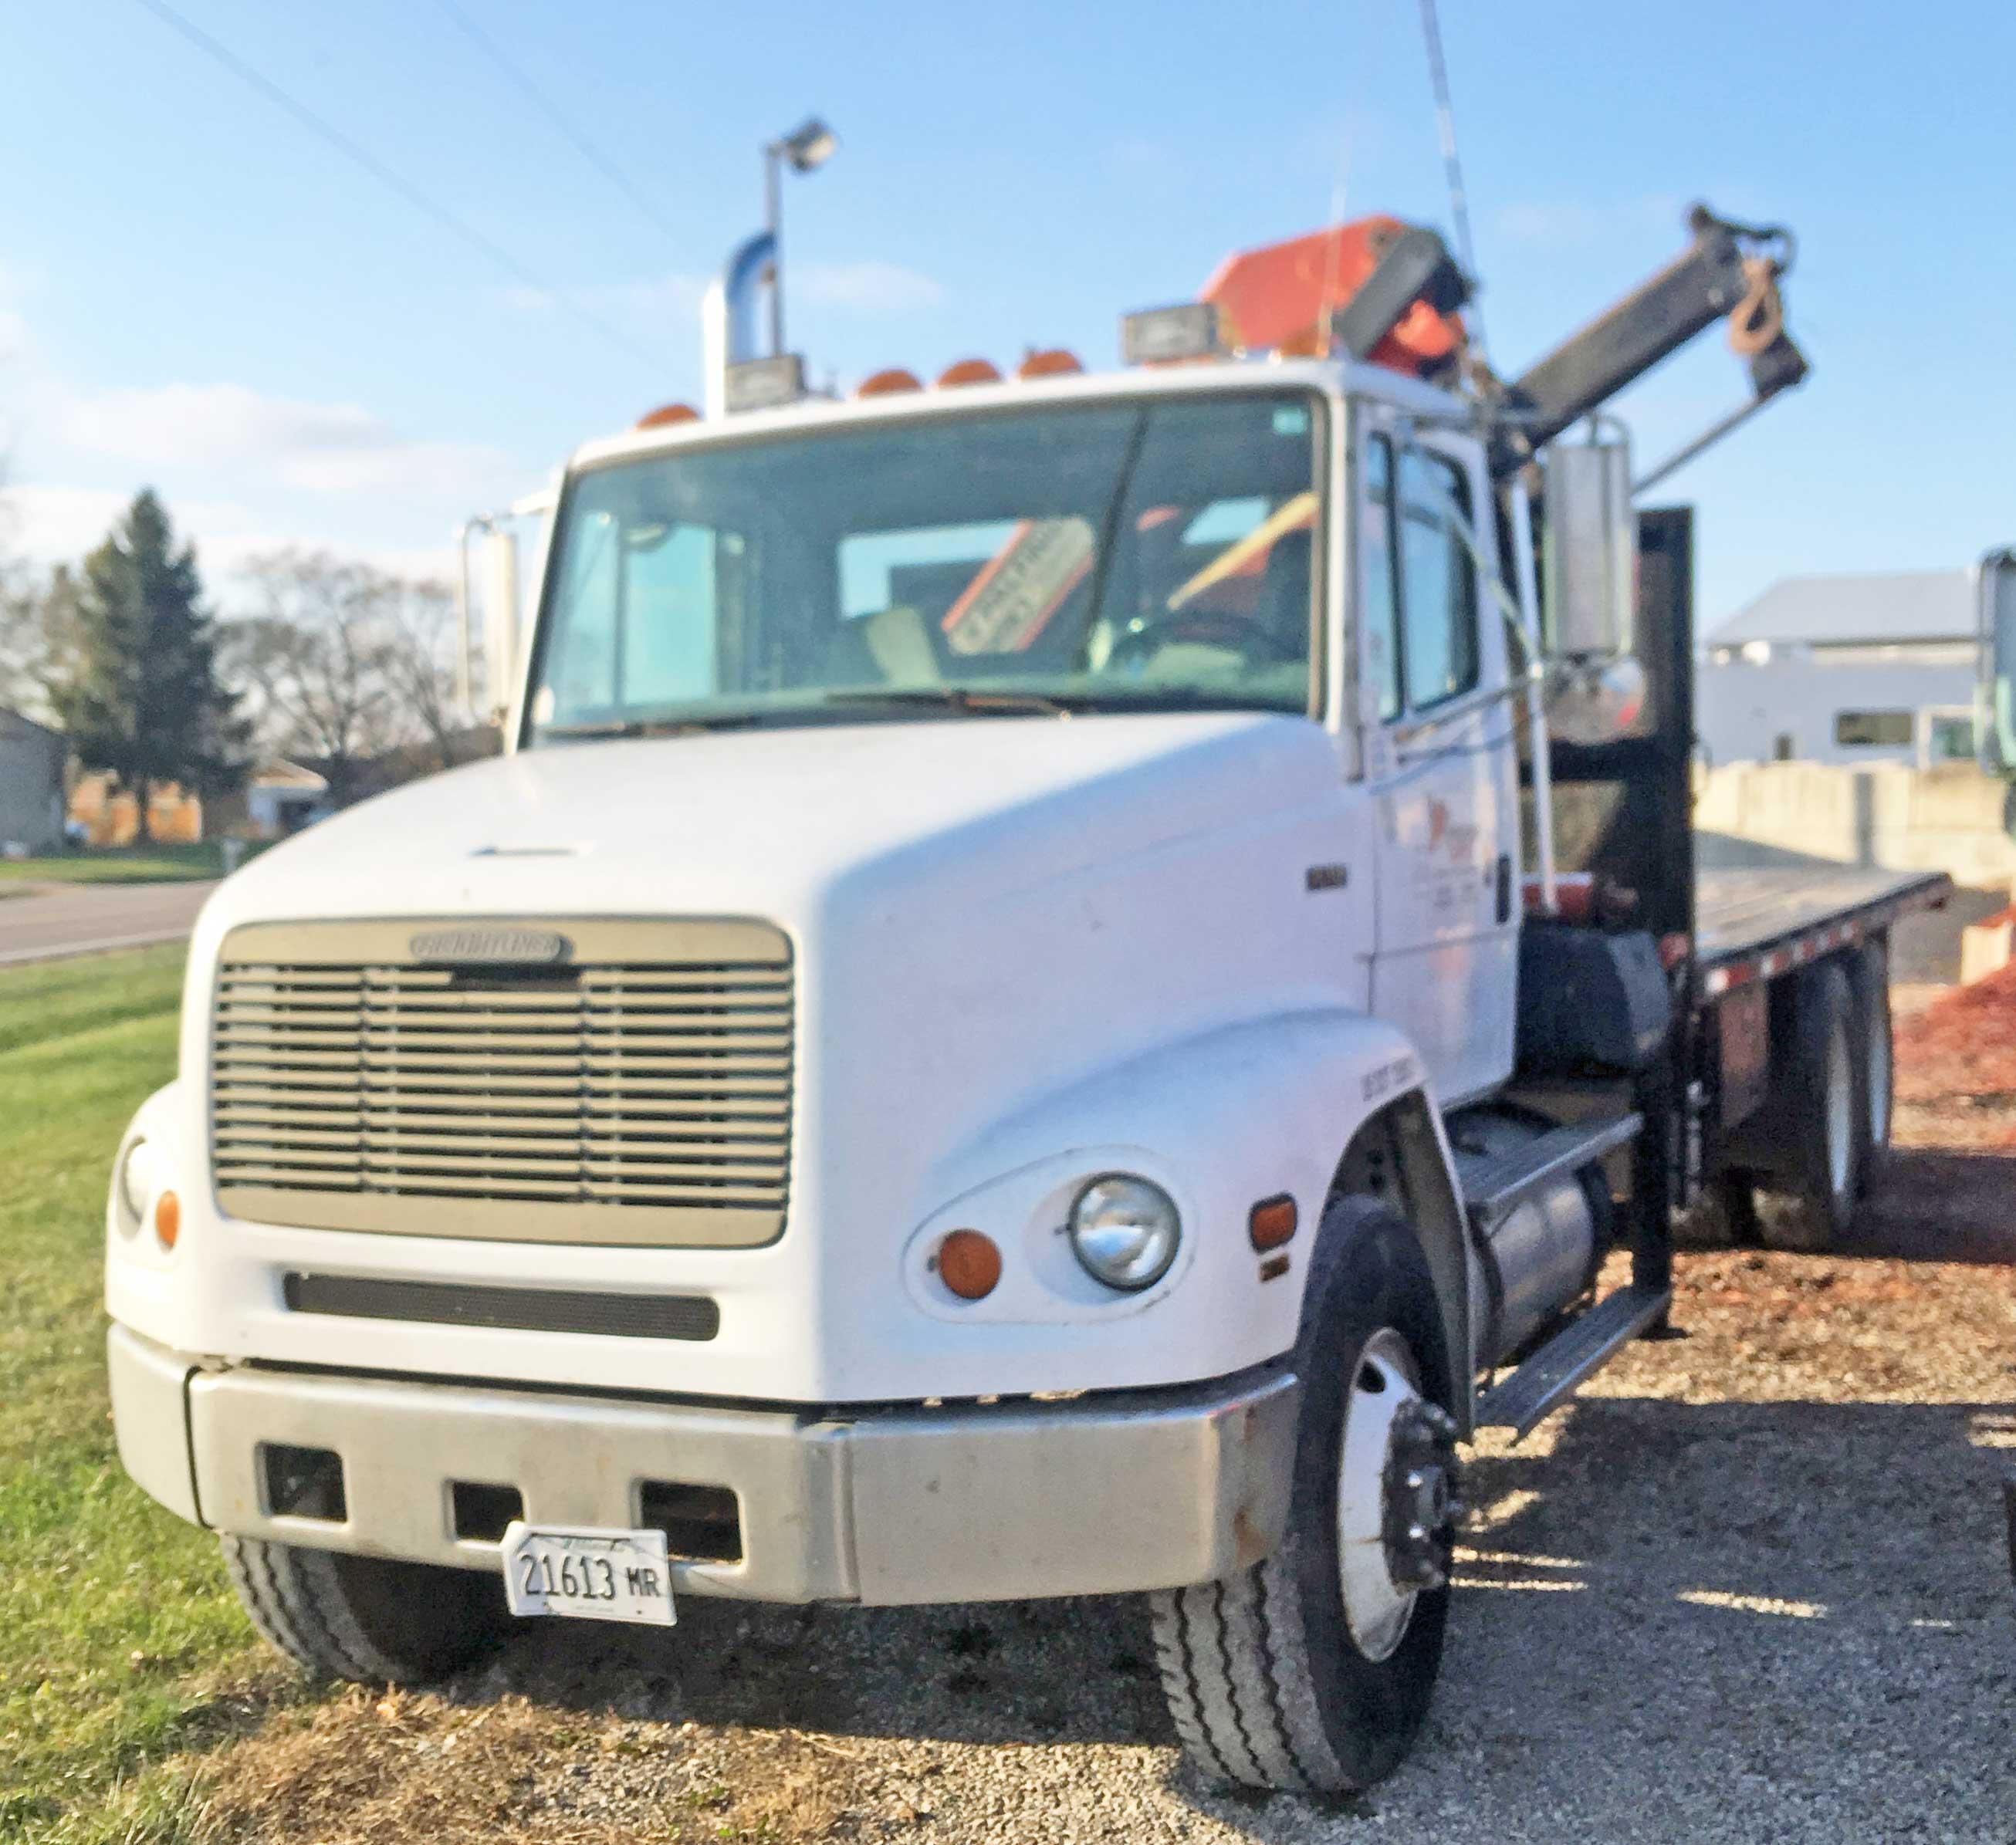 Lot 1 - 1996 Freightliner FL112 Boom Truck. 6 Speed. 198,000 miles. Vin# 1FVXTMDB3TL772251